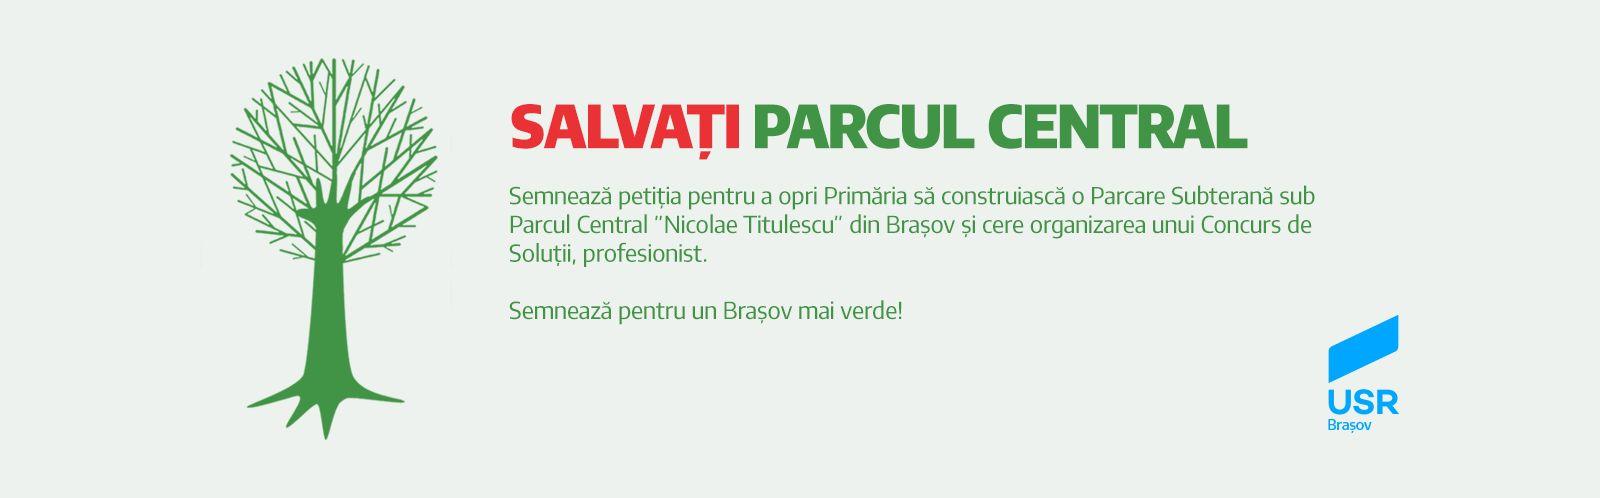 Petitie-Salvati-parcul-central3